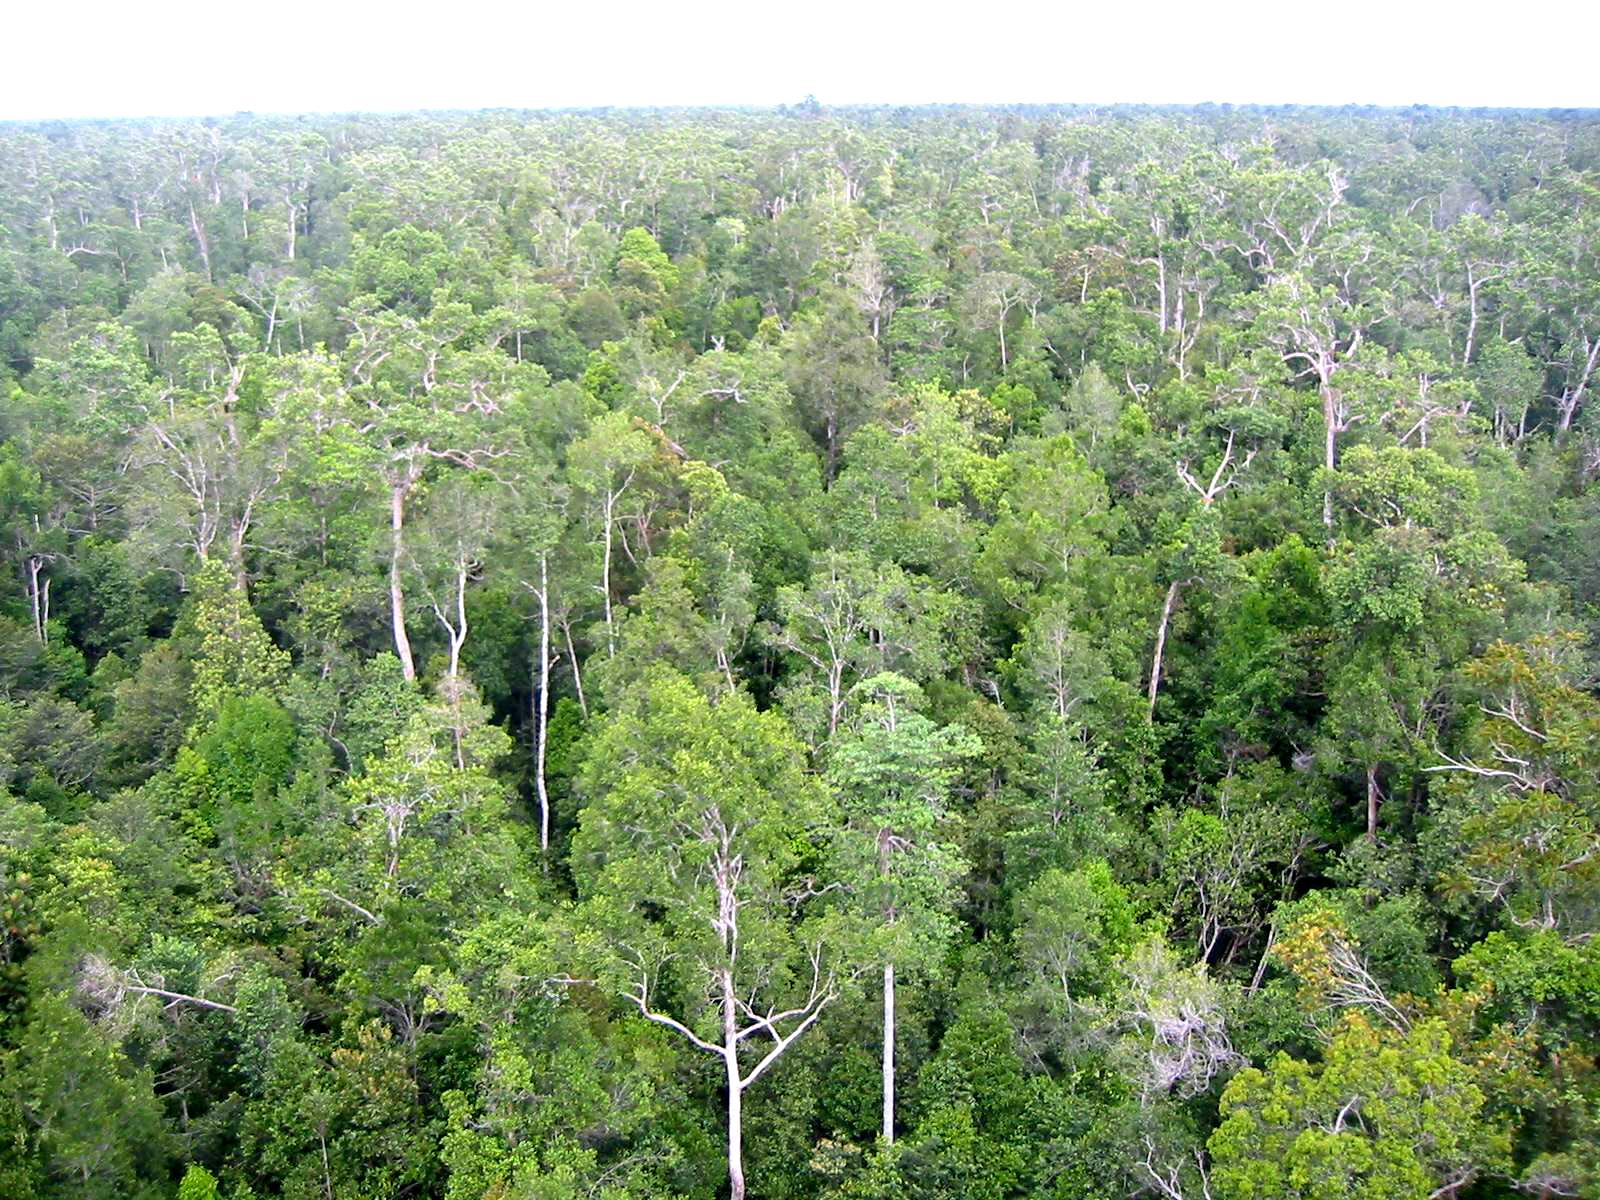 La COP-21 busca que los bosques sean un instrumento de lucha climática